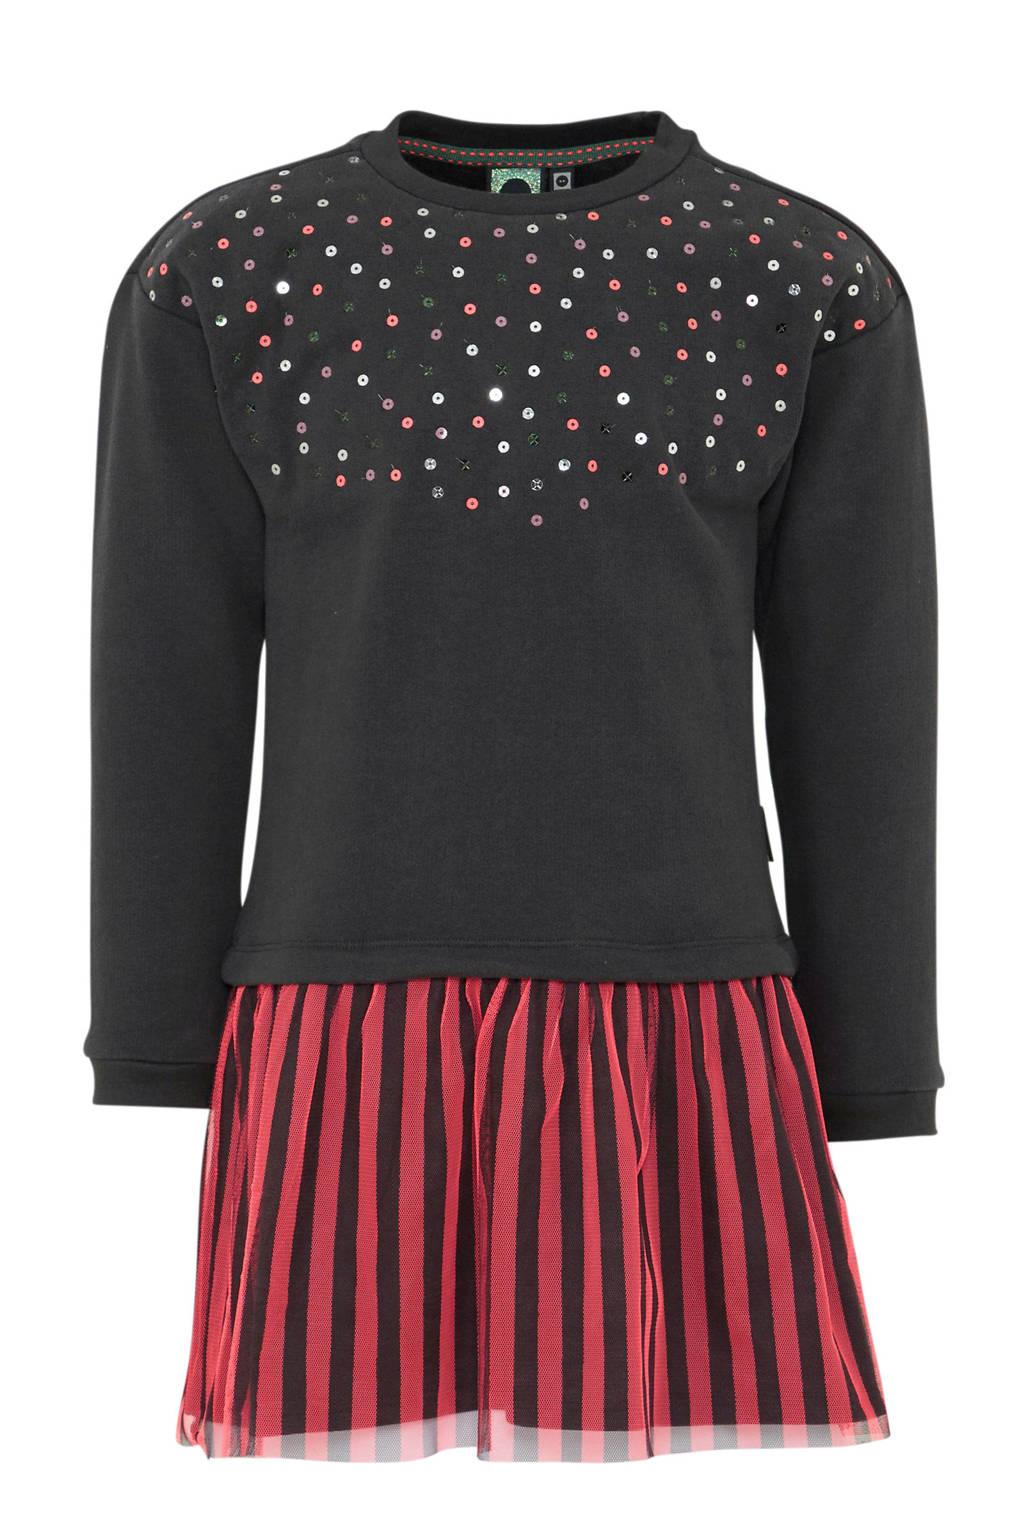 Tumble 'n Dry Mid jurk, Antraciet/rood